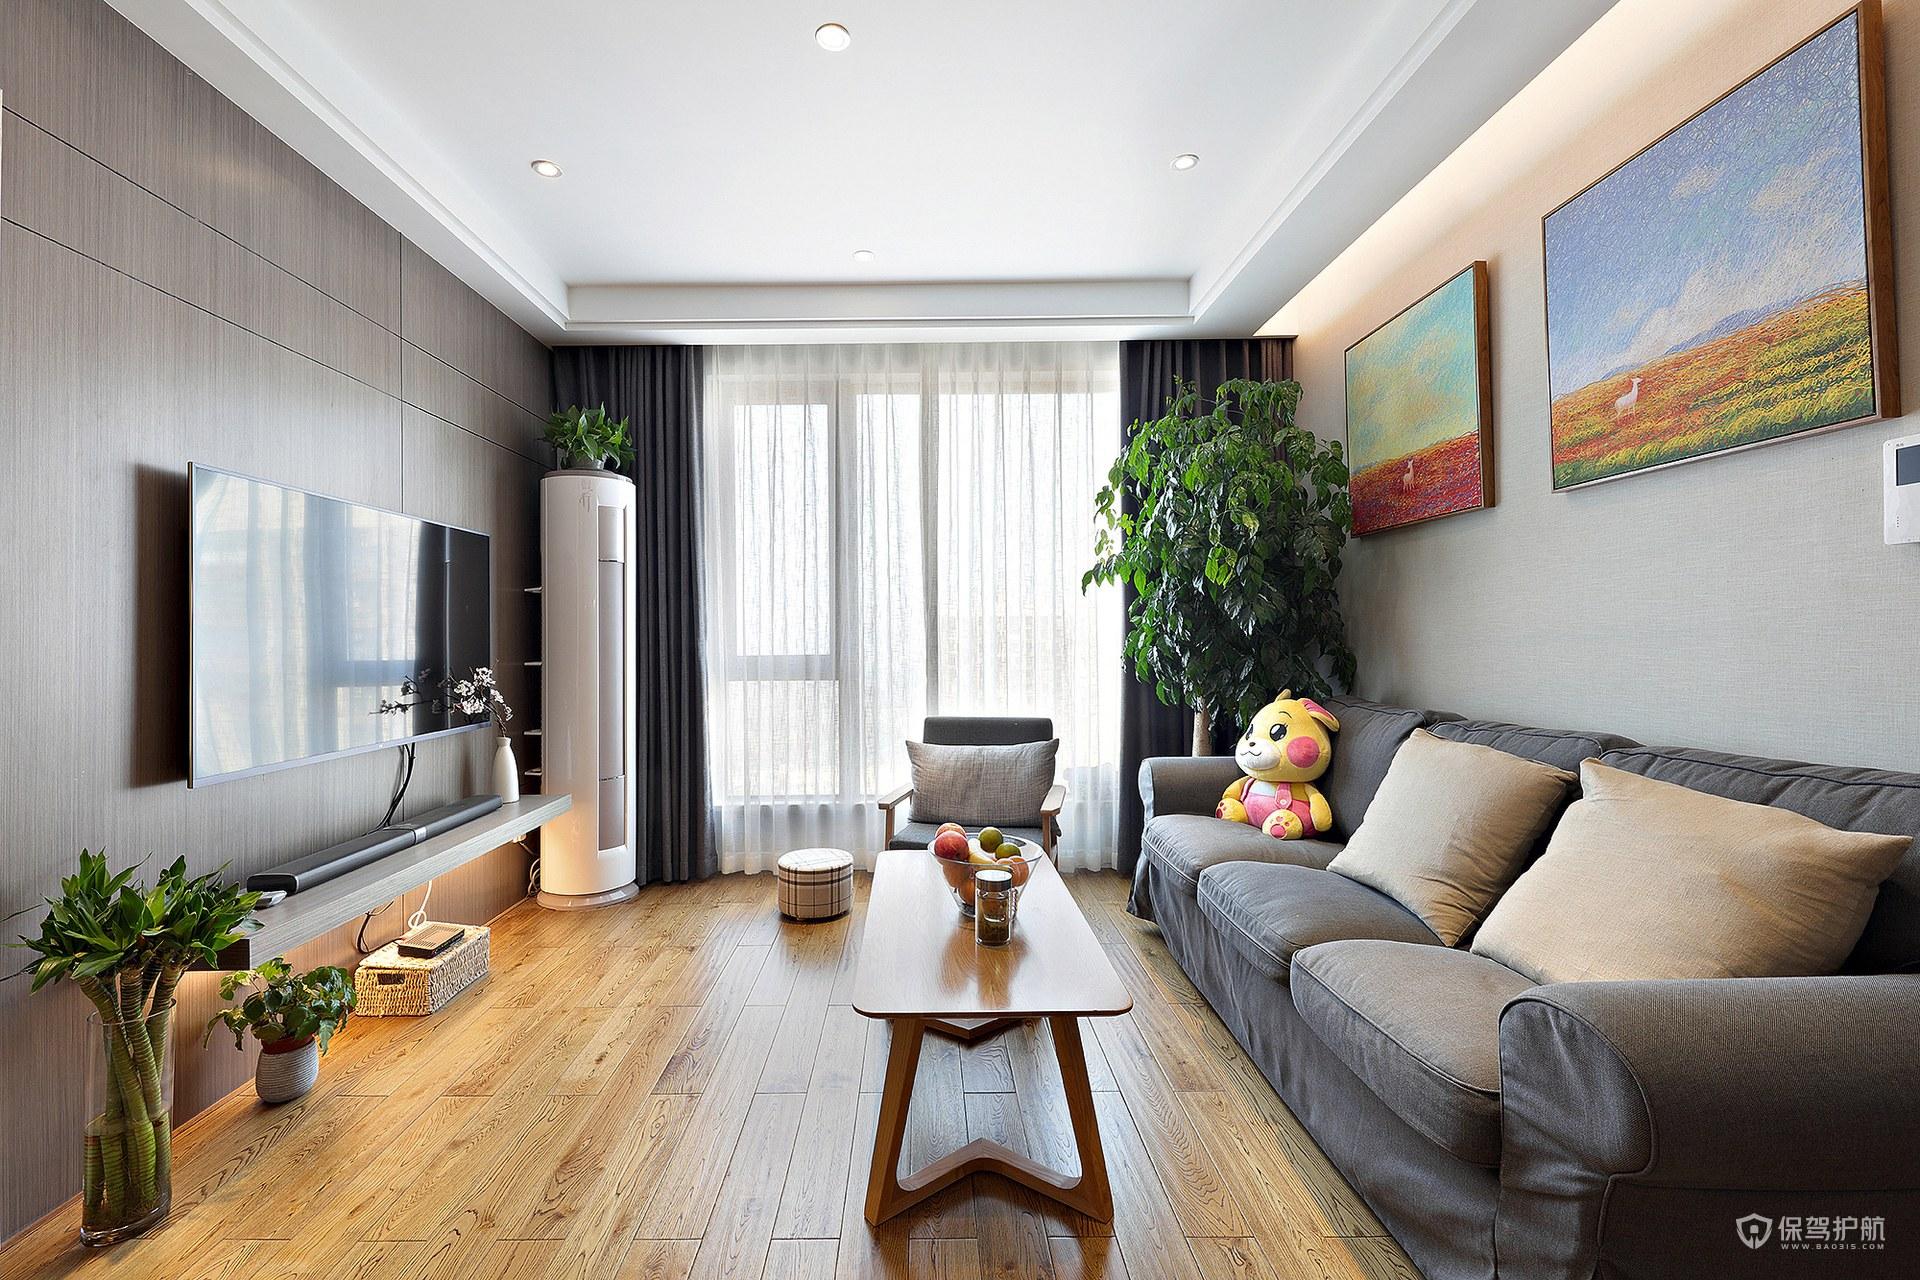 现代风格三居室客厅电视墙亚搏体育平台app效果图